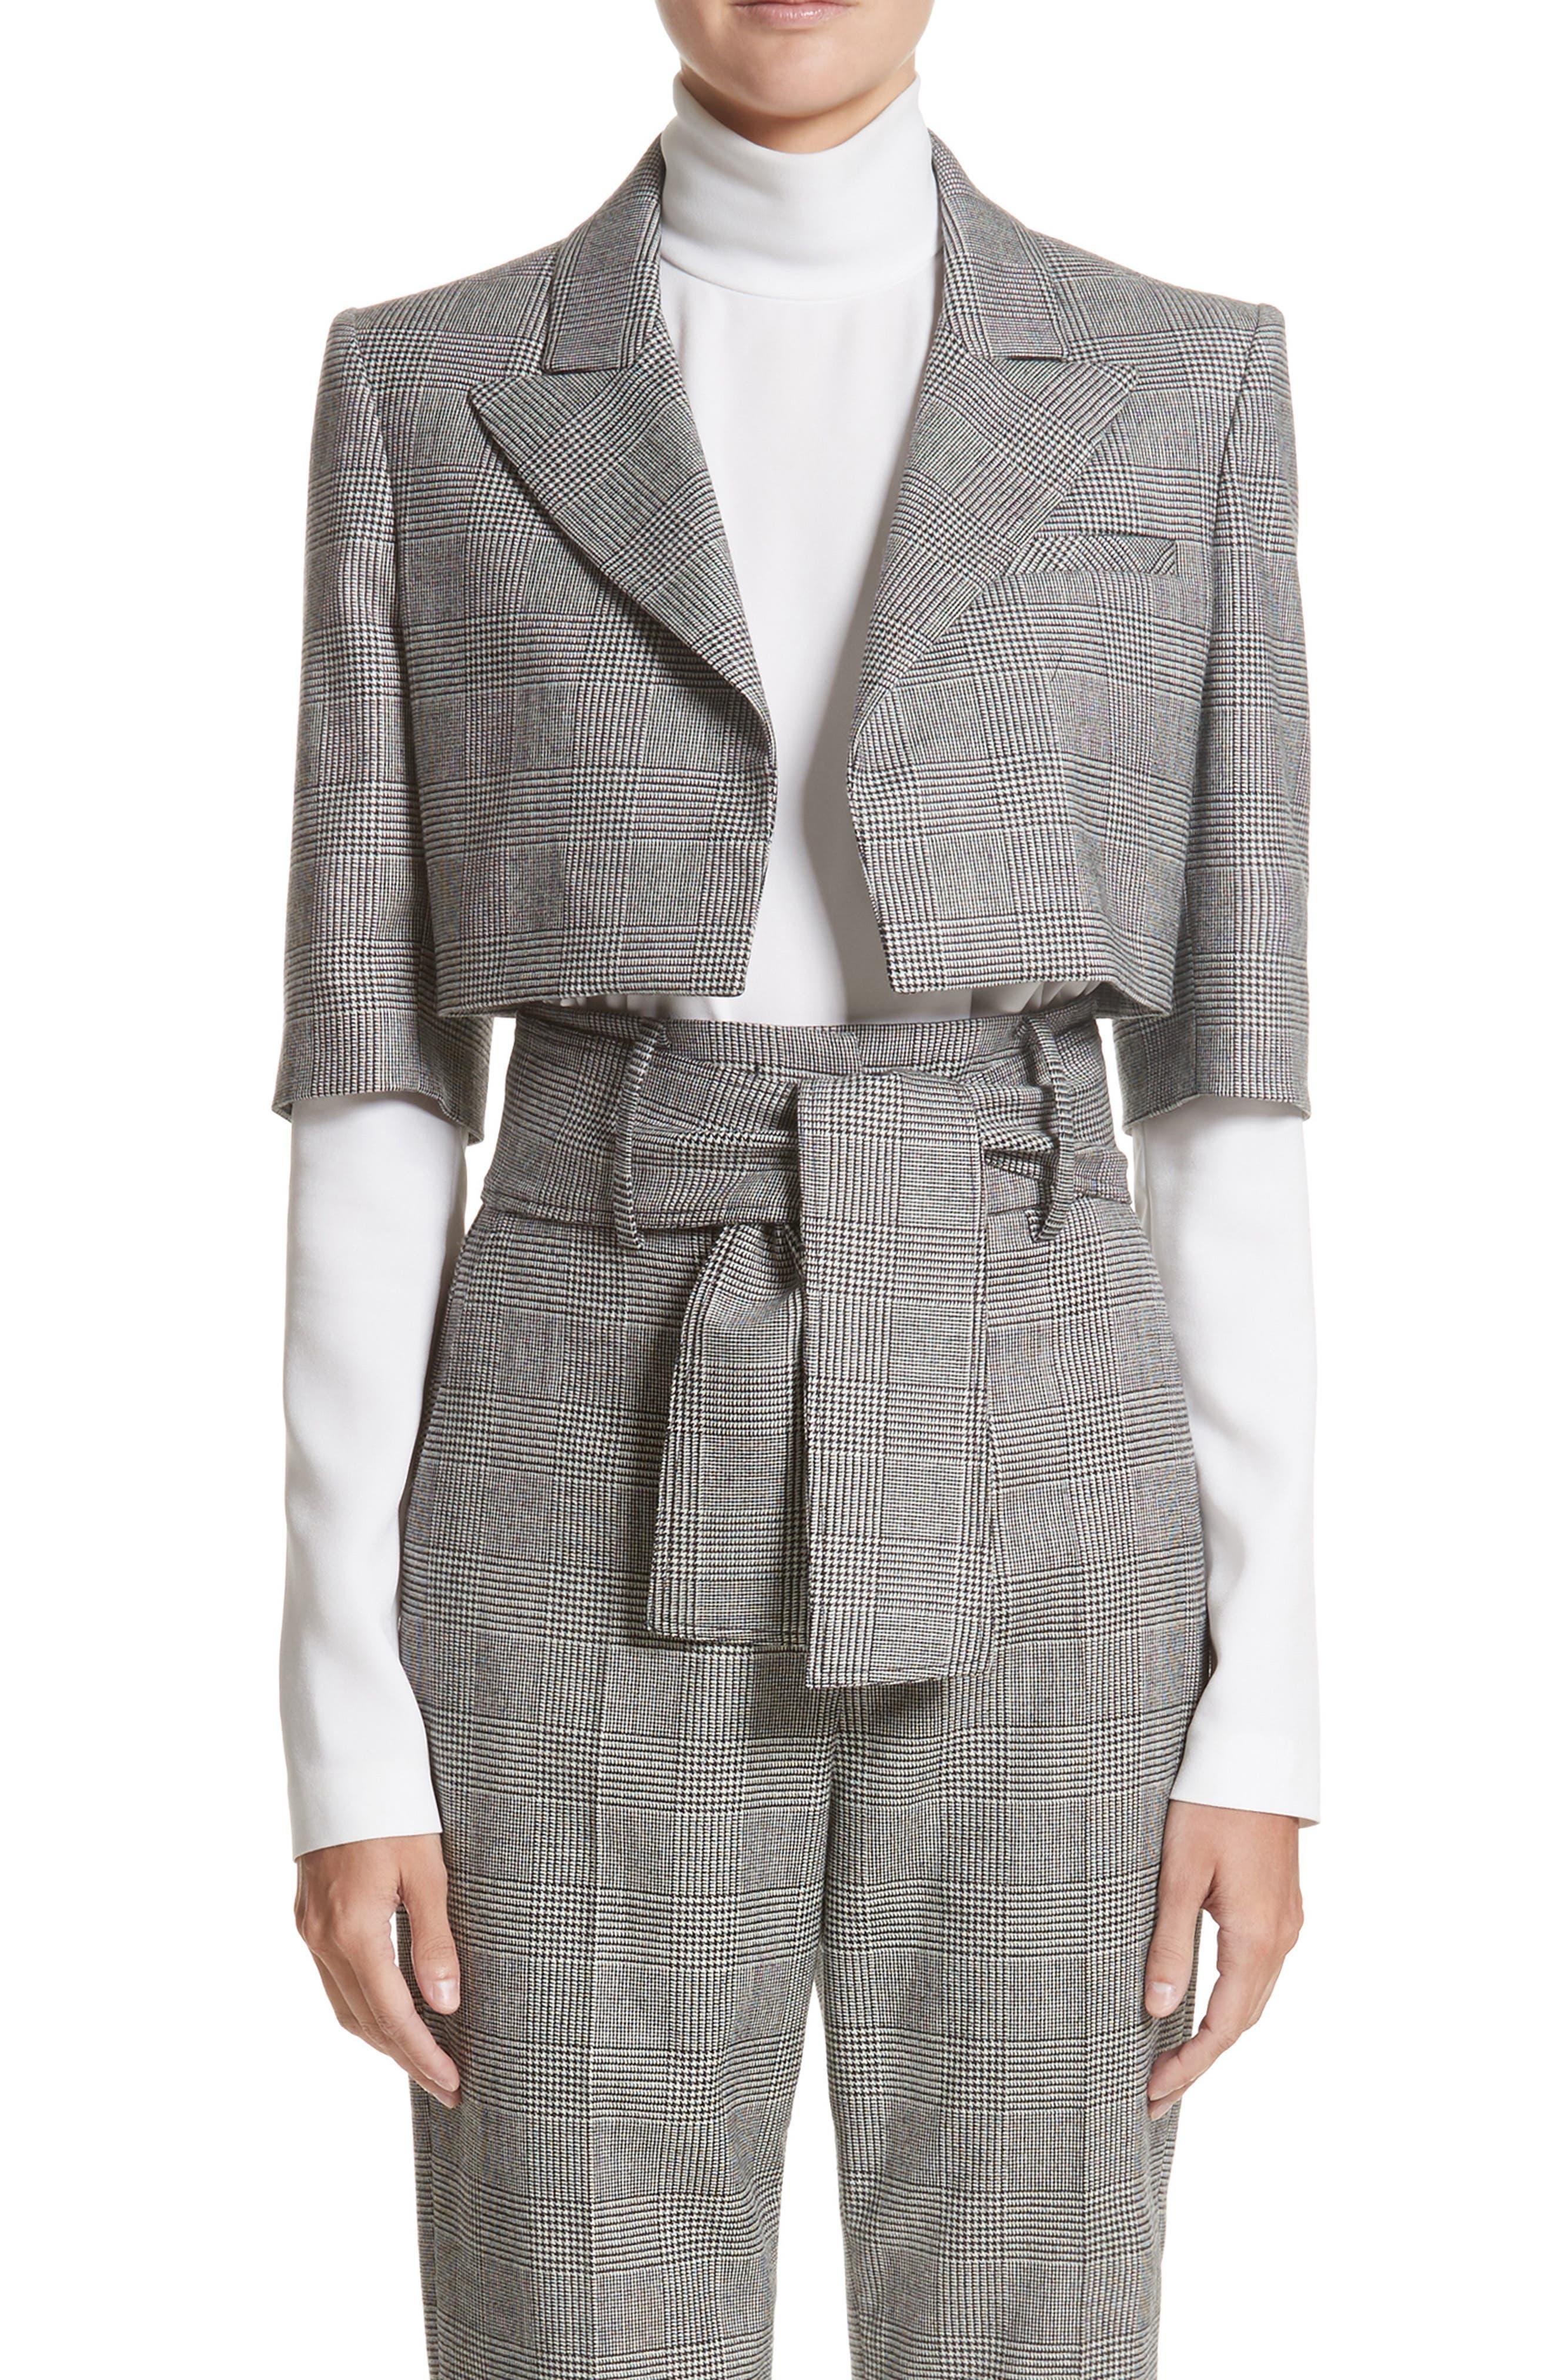 Glen Plaid Crop Jacket,                         Main,                         color, Black/ White